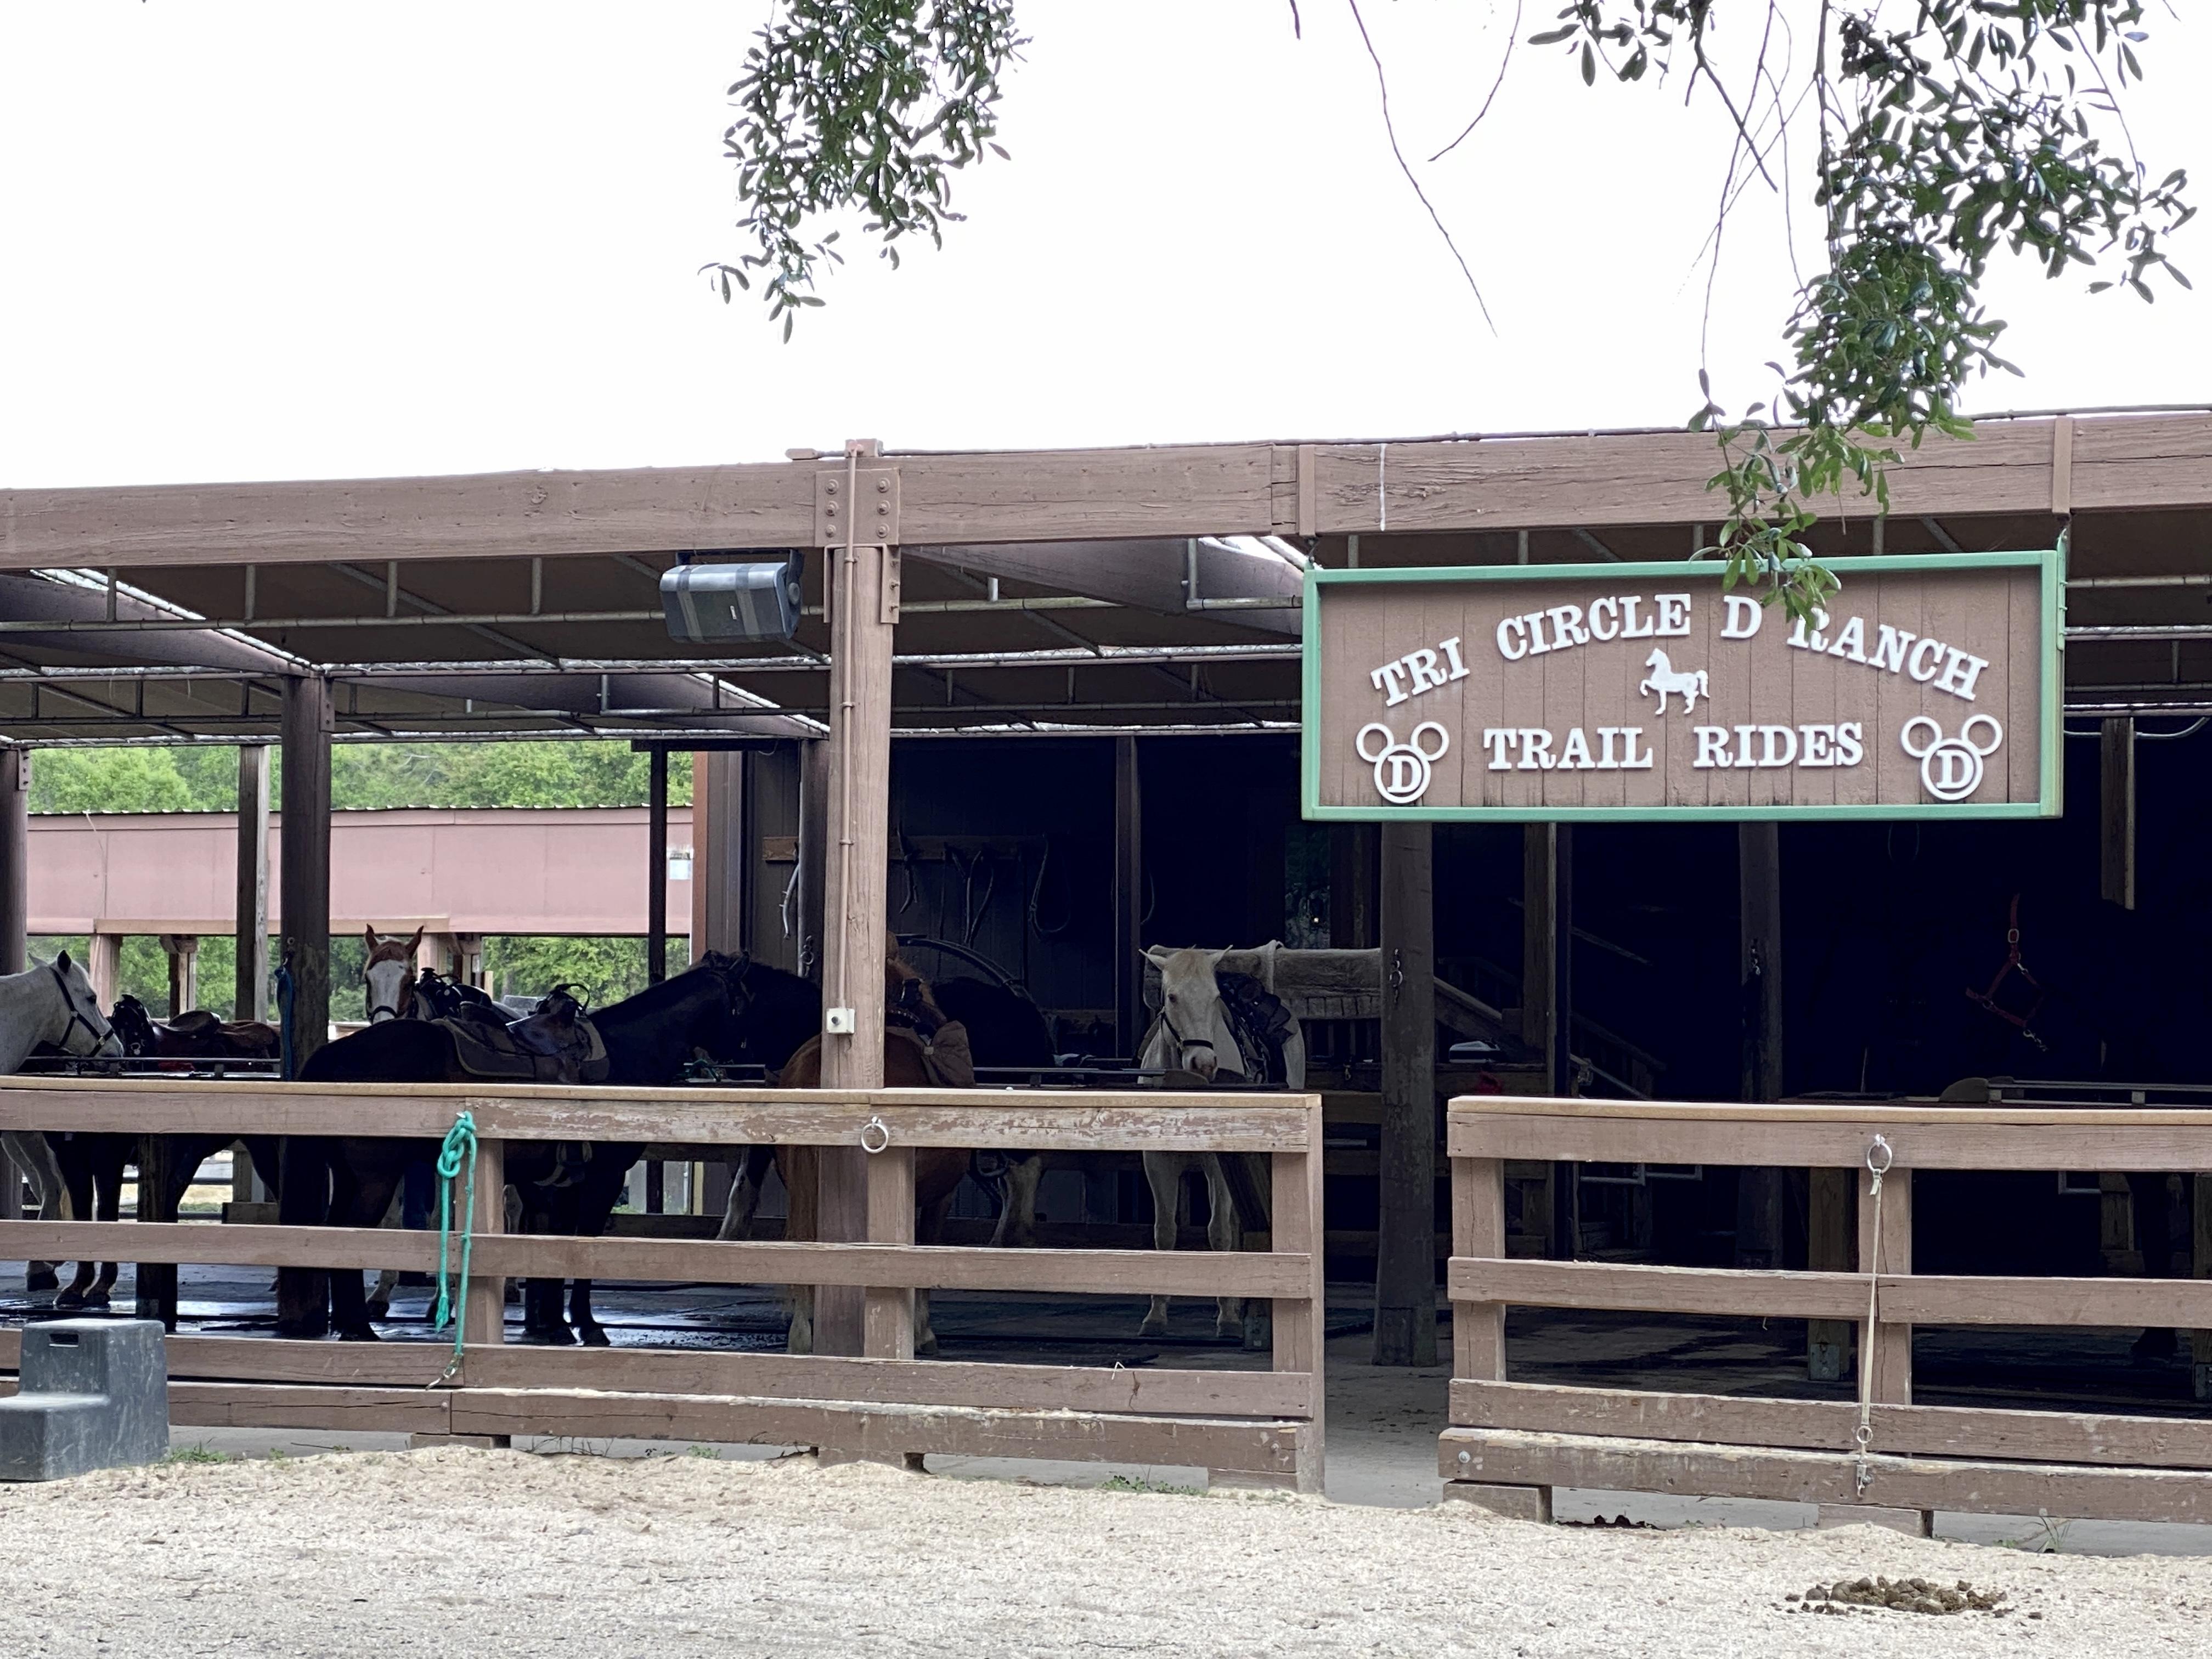 Tri cirlce d ranch trail rides